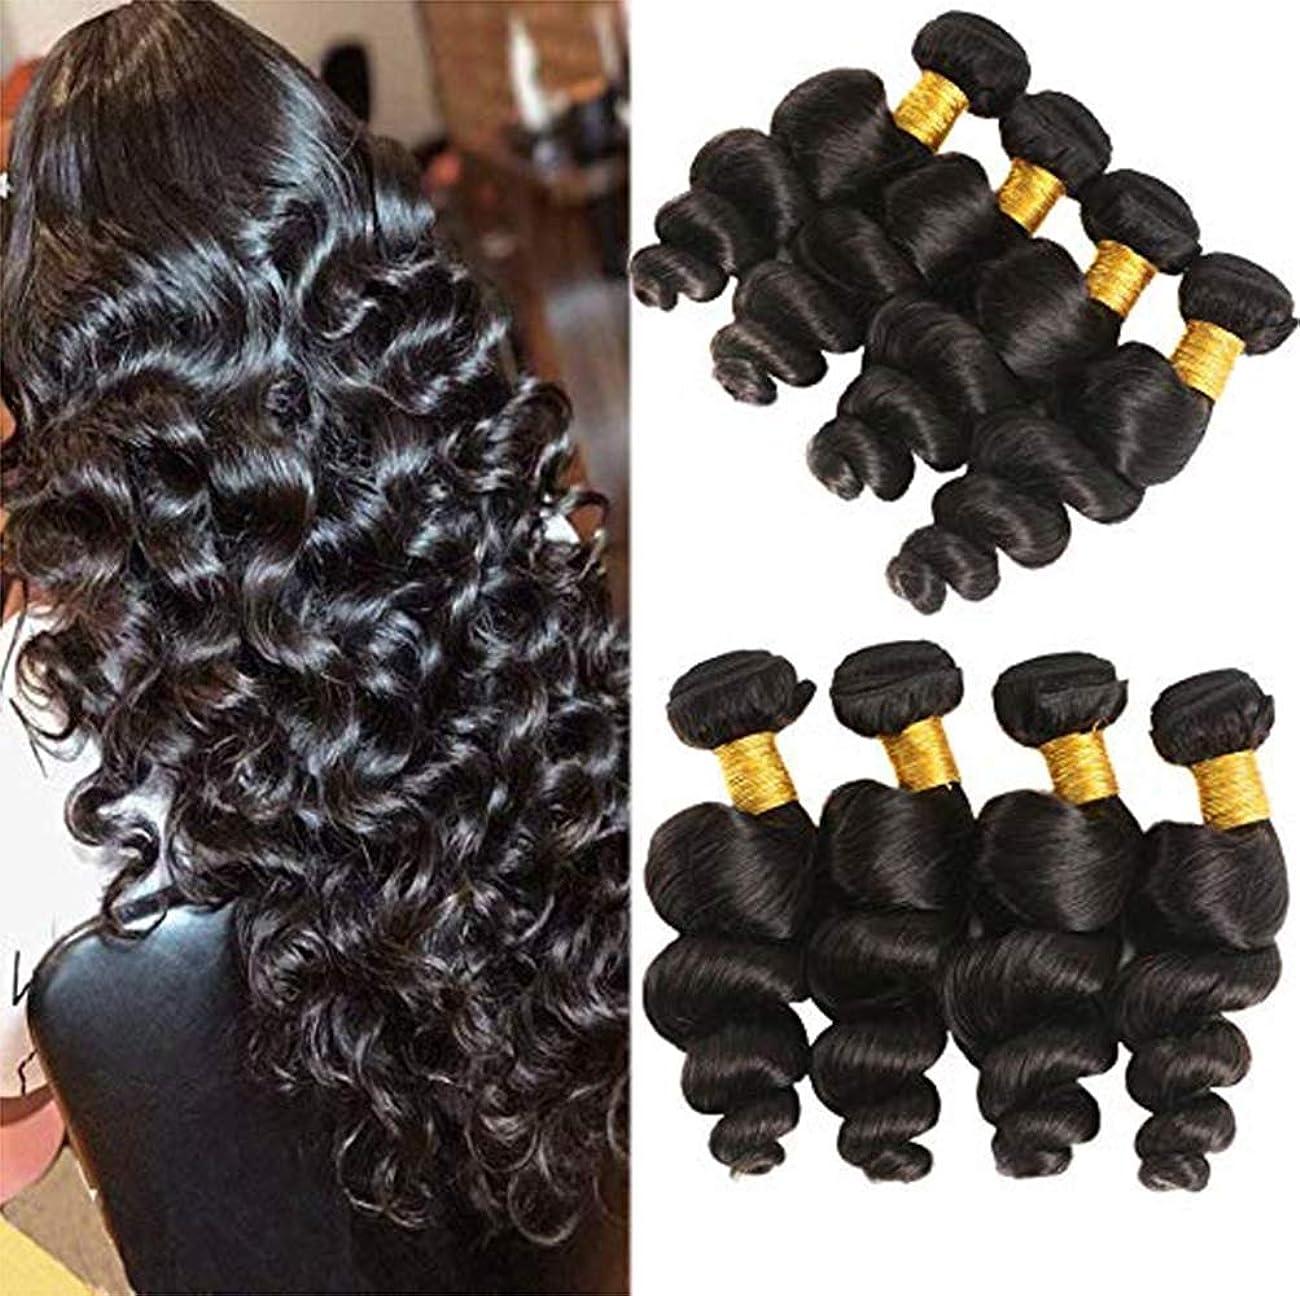 乳文庫本レトルト女性150%密度髪を編むブラジルの髪ルースウェーブ人間の髪1バンドル本物のバージンヘア